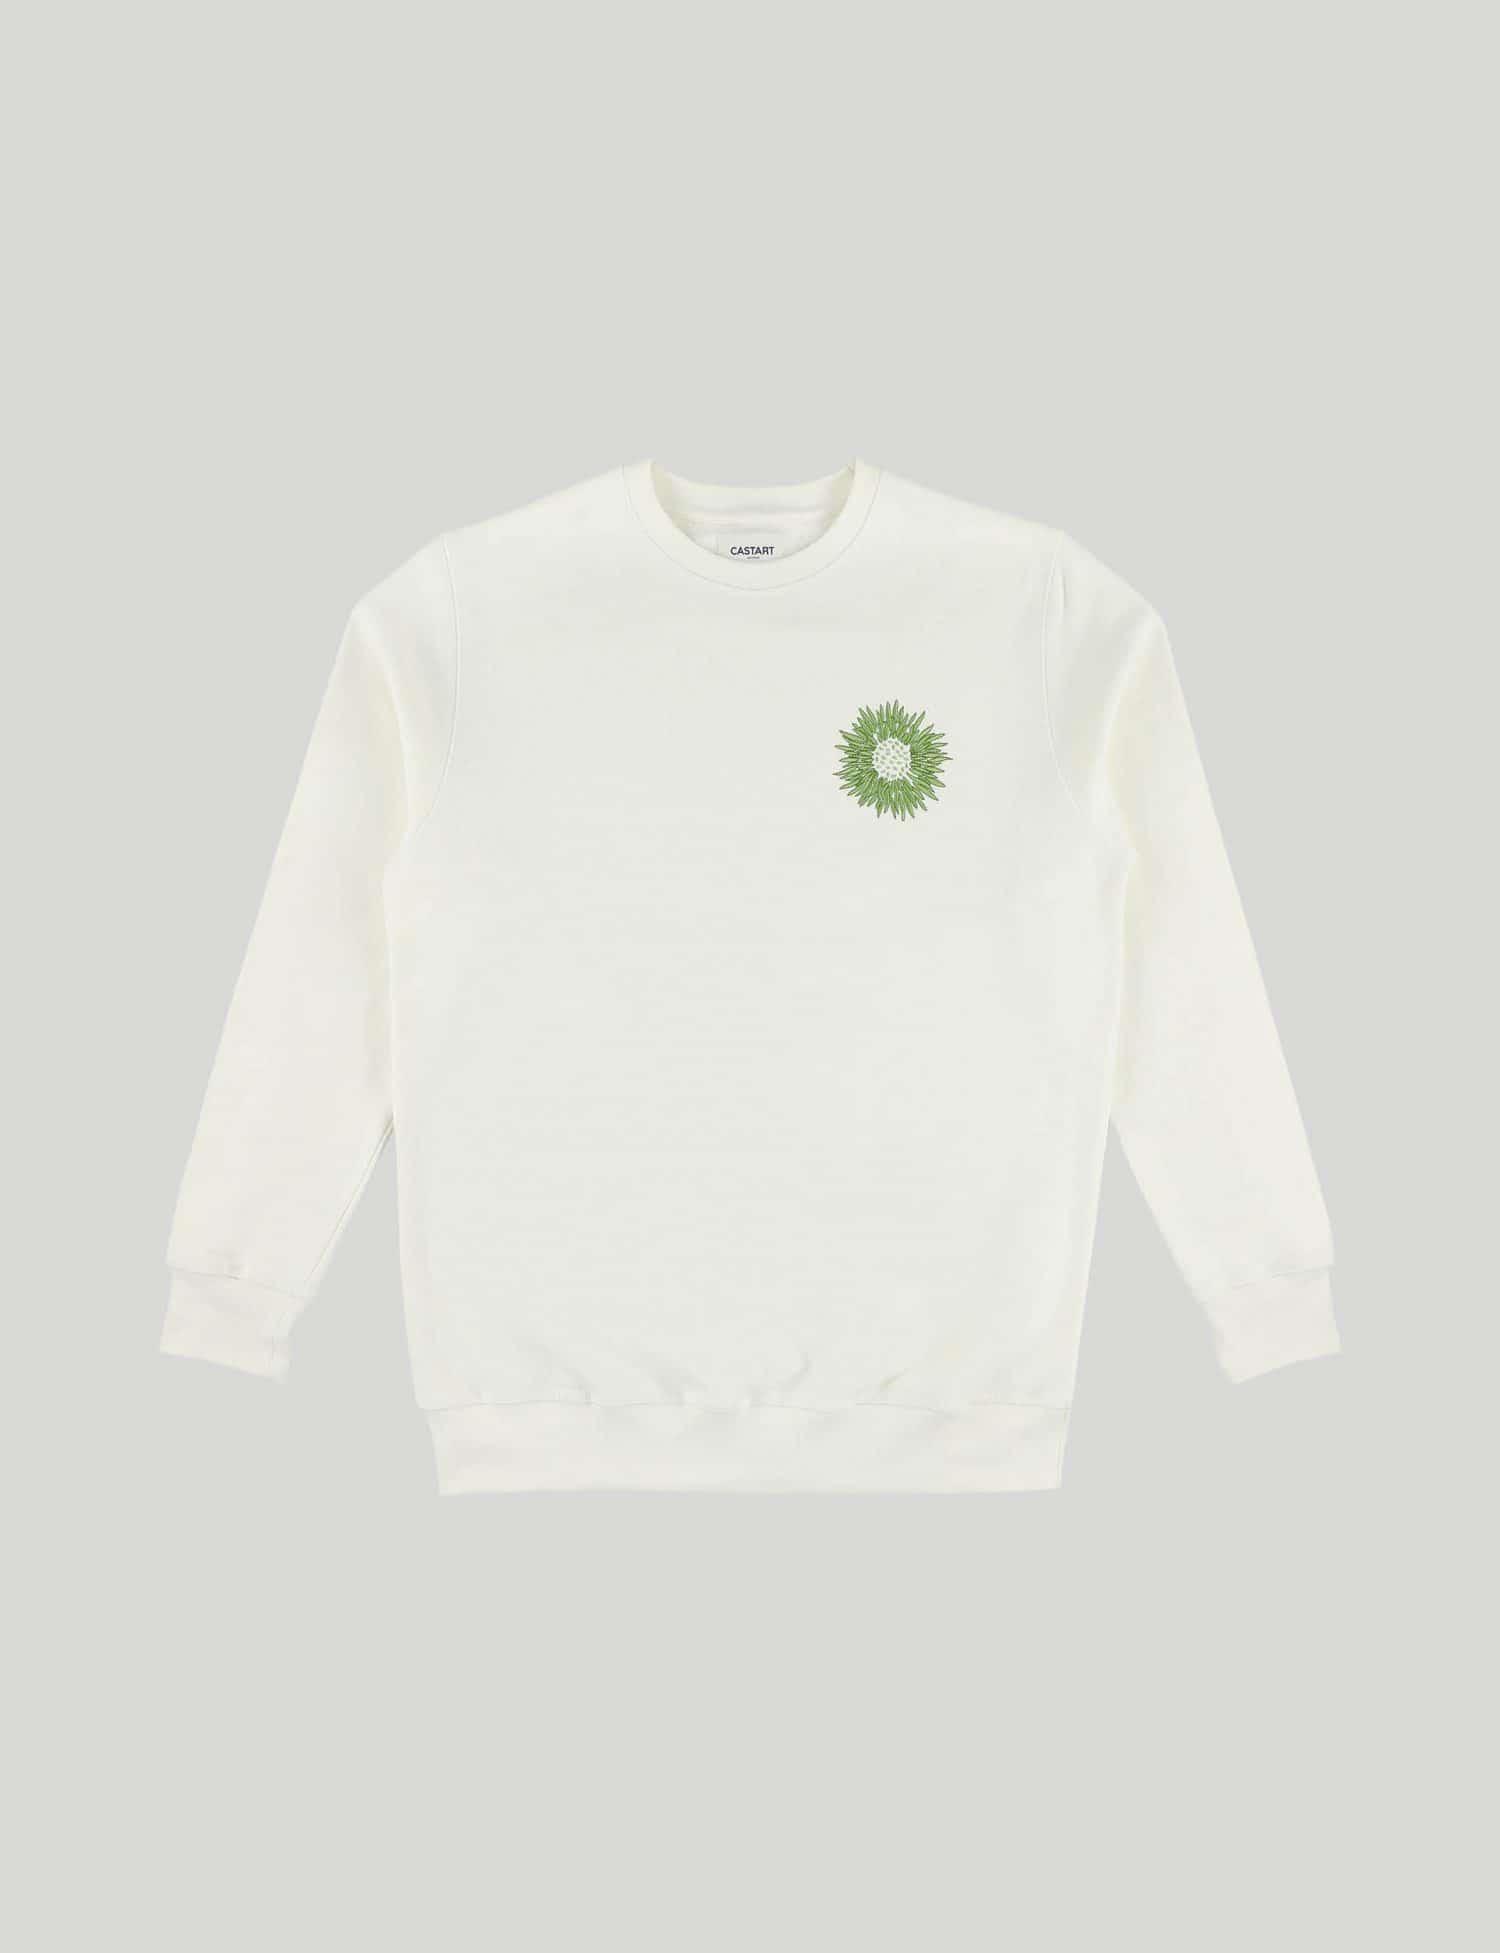 Castart - Mari Posa Sweater - Ecru